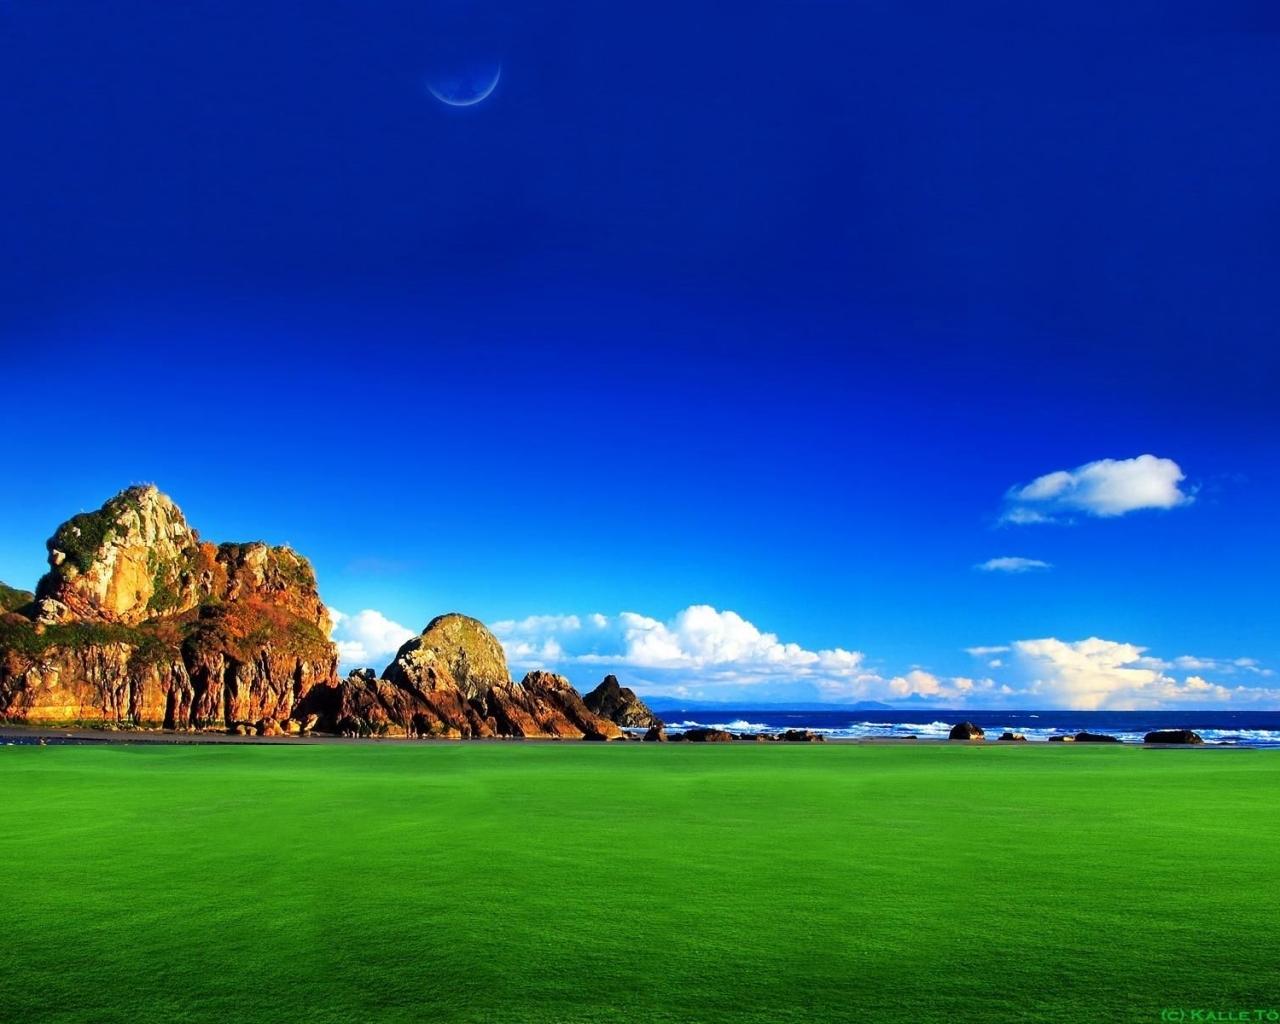 Скачать картинку Пейзаж, Небо, Горы в телефон бесплатно.